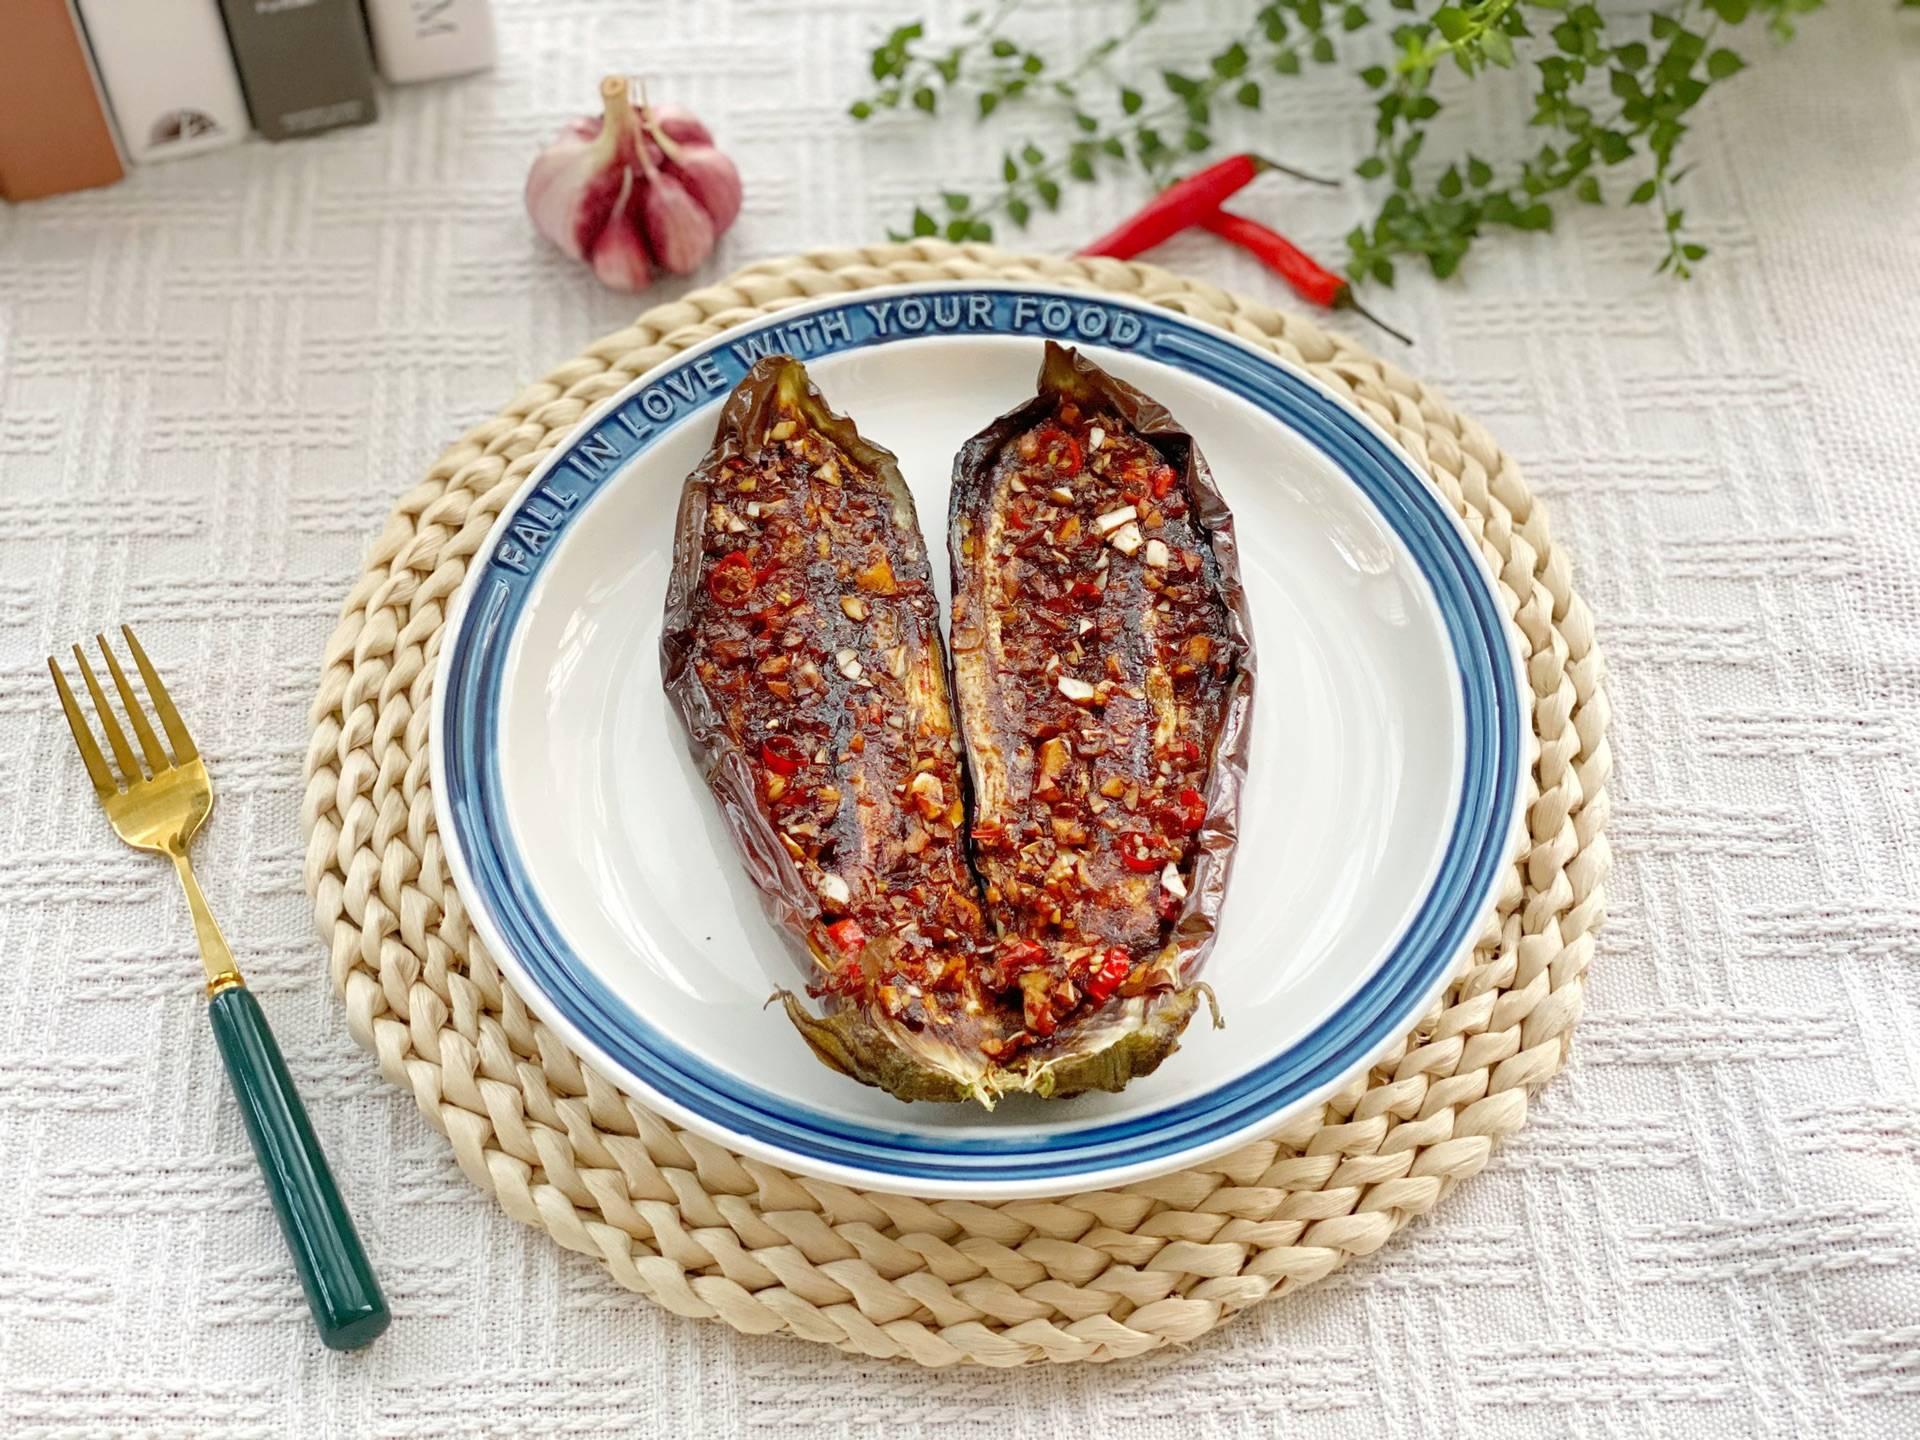 「蒜香烤茄子」的做法+配方,味道鲜美又开胃,茄子营养丰富